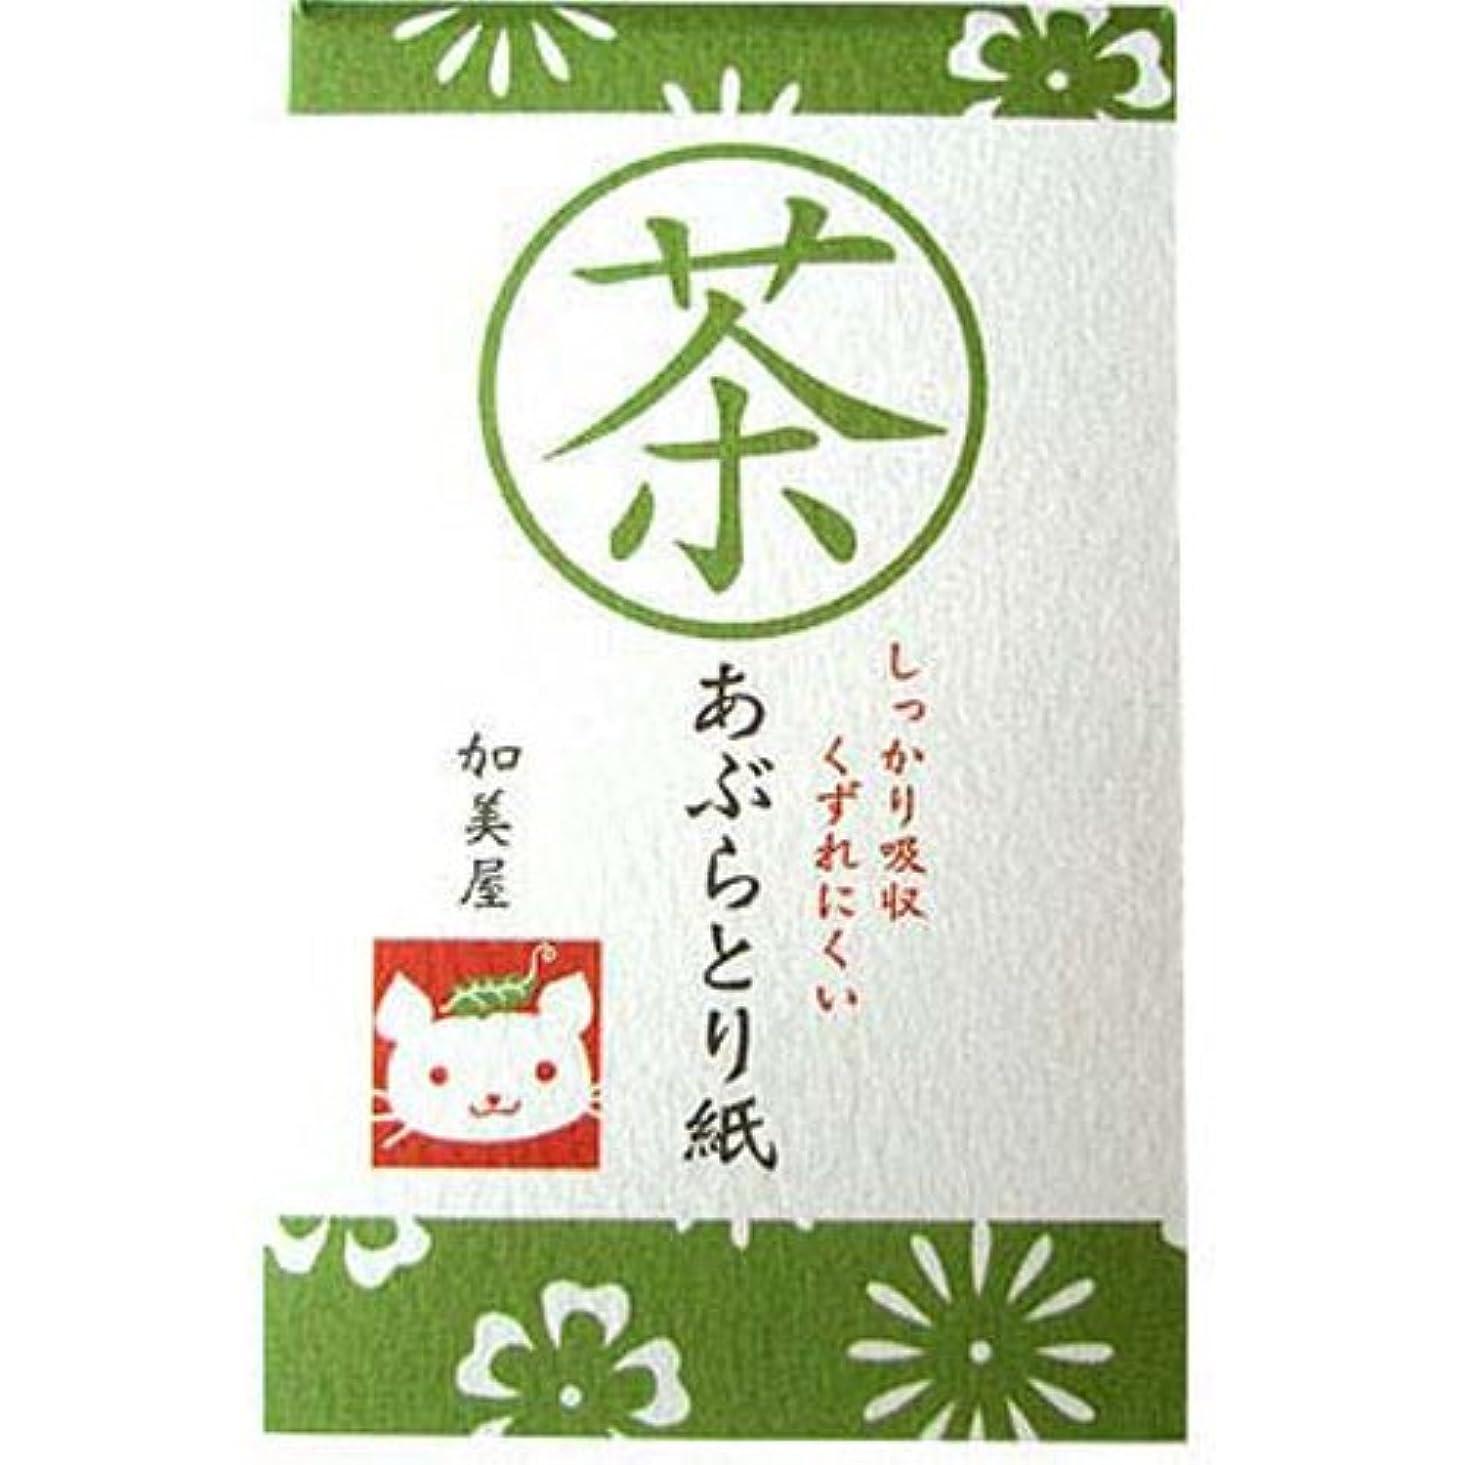 センチメートルリビングルームゴネリルあぶらとり紙 お茶